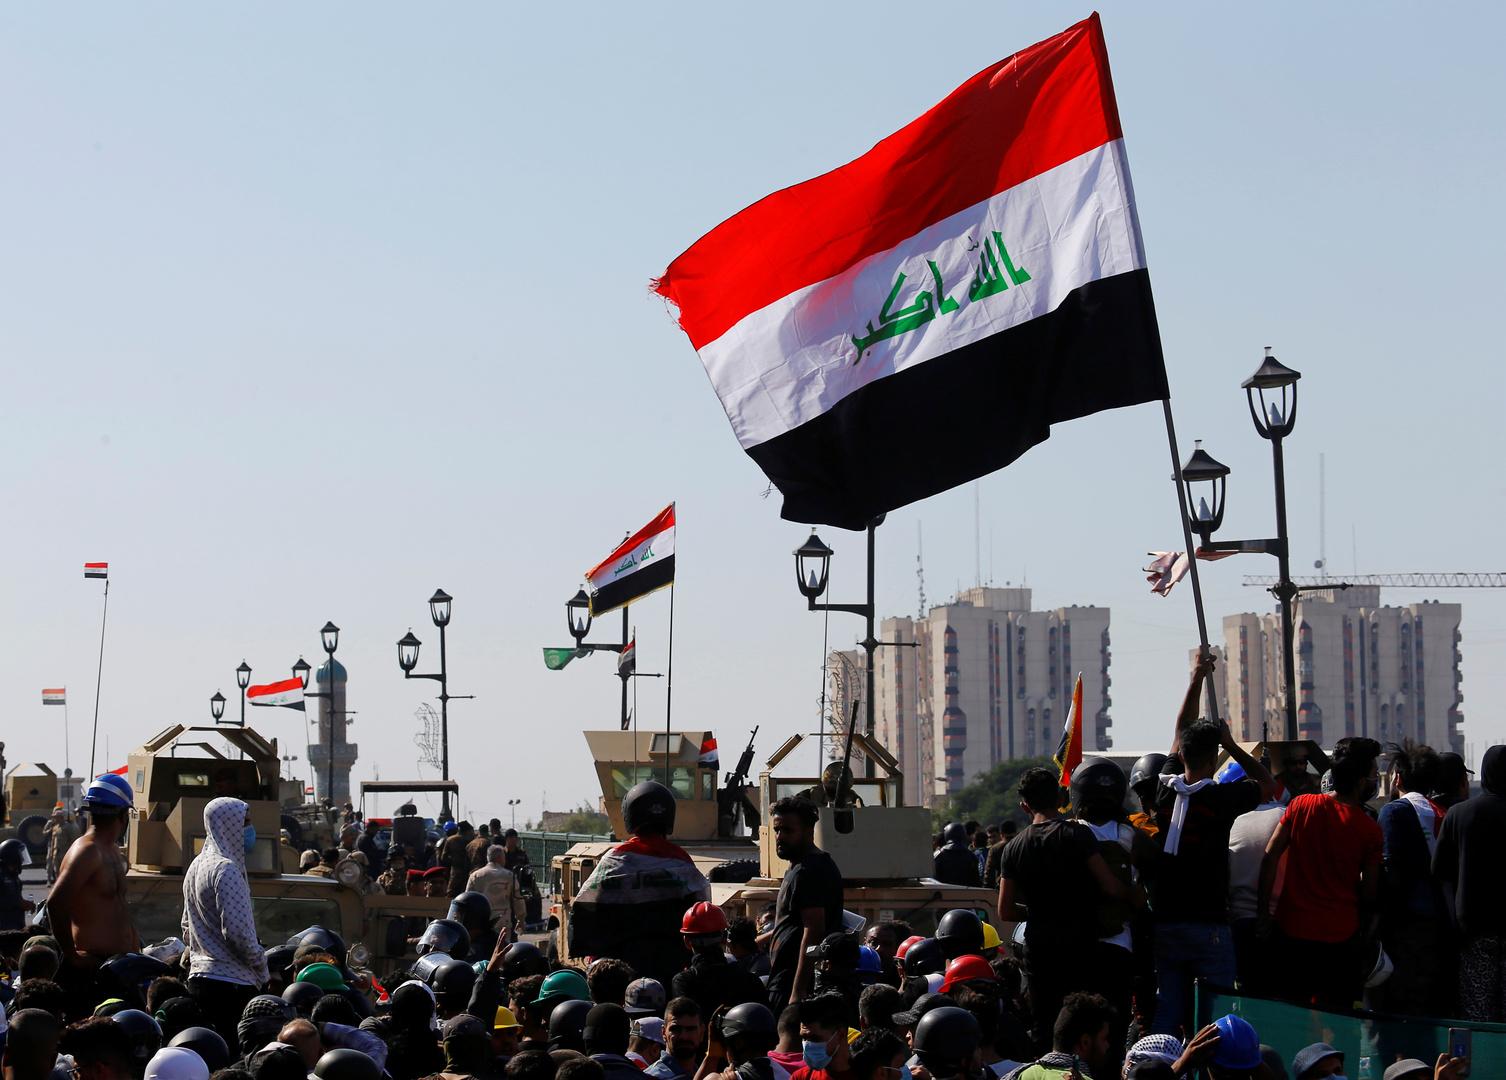 مقتل 4 متظاهرين برصاص الأمن في بغداد